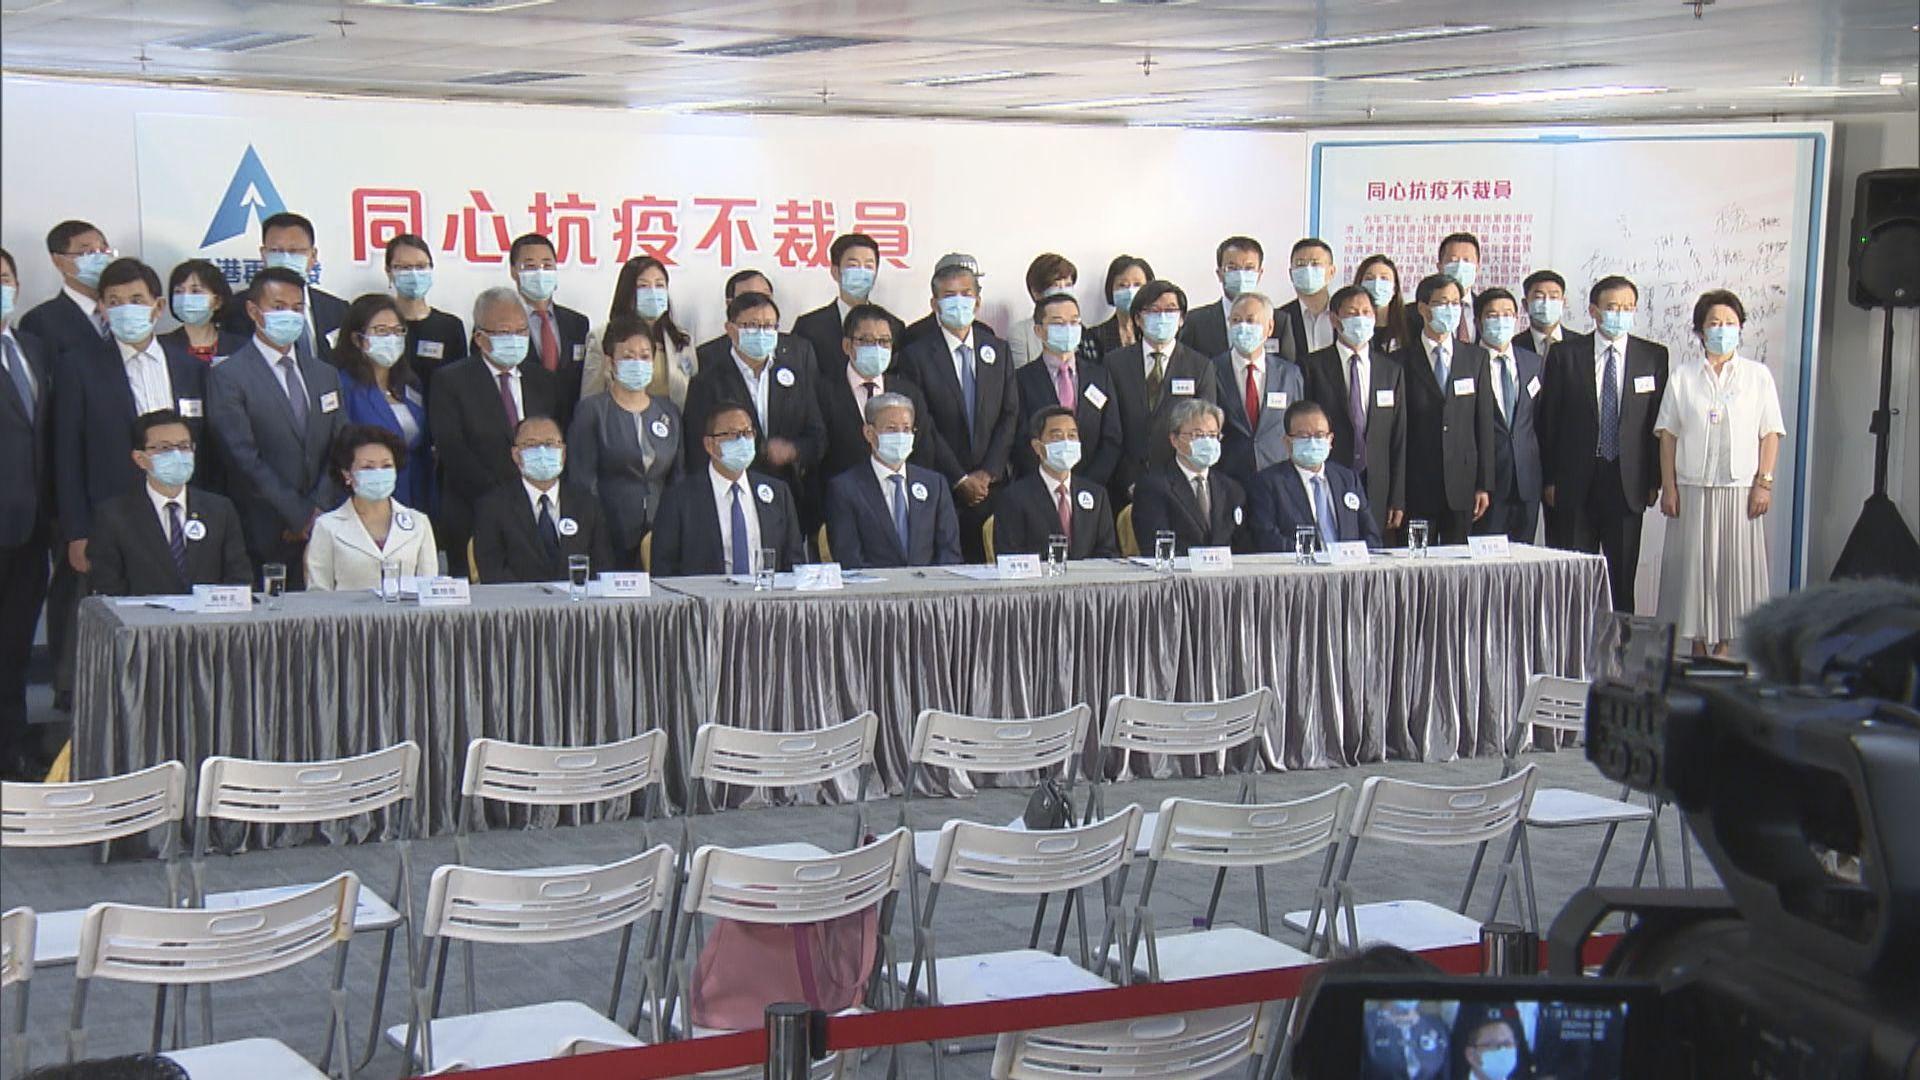 香港再出發大聯盟發起不裁員行動 主要是中資企業響應